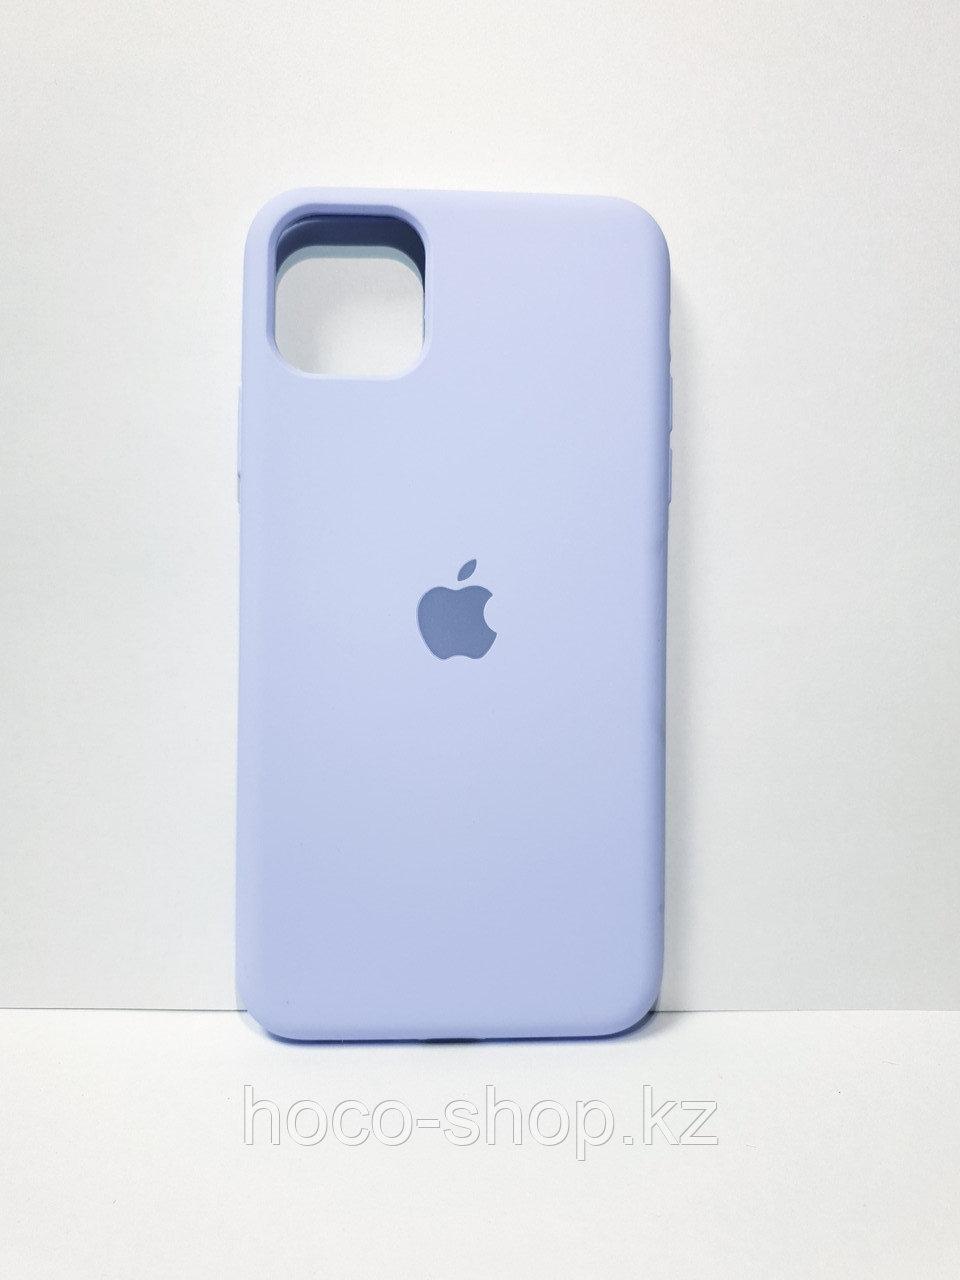 Защитный чехол для iPhone 11 Pro Soft Touch силиконовый, голубой